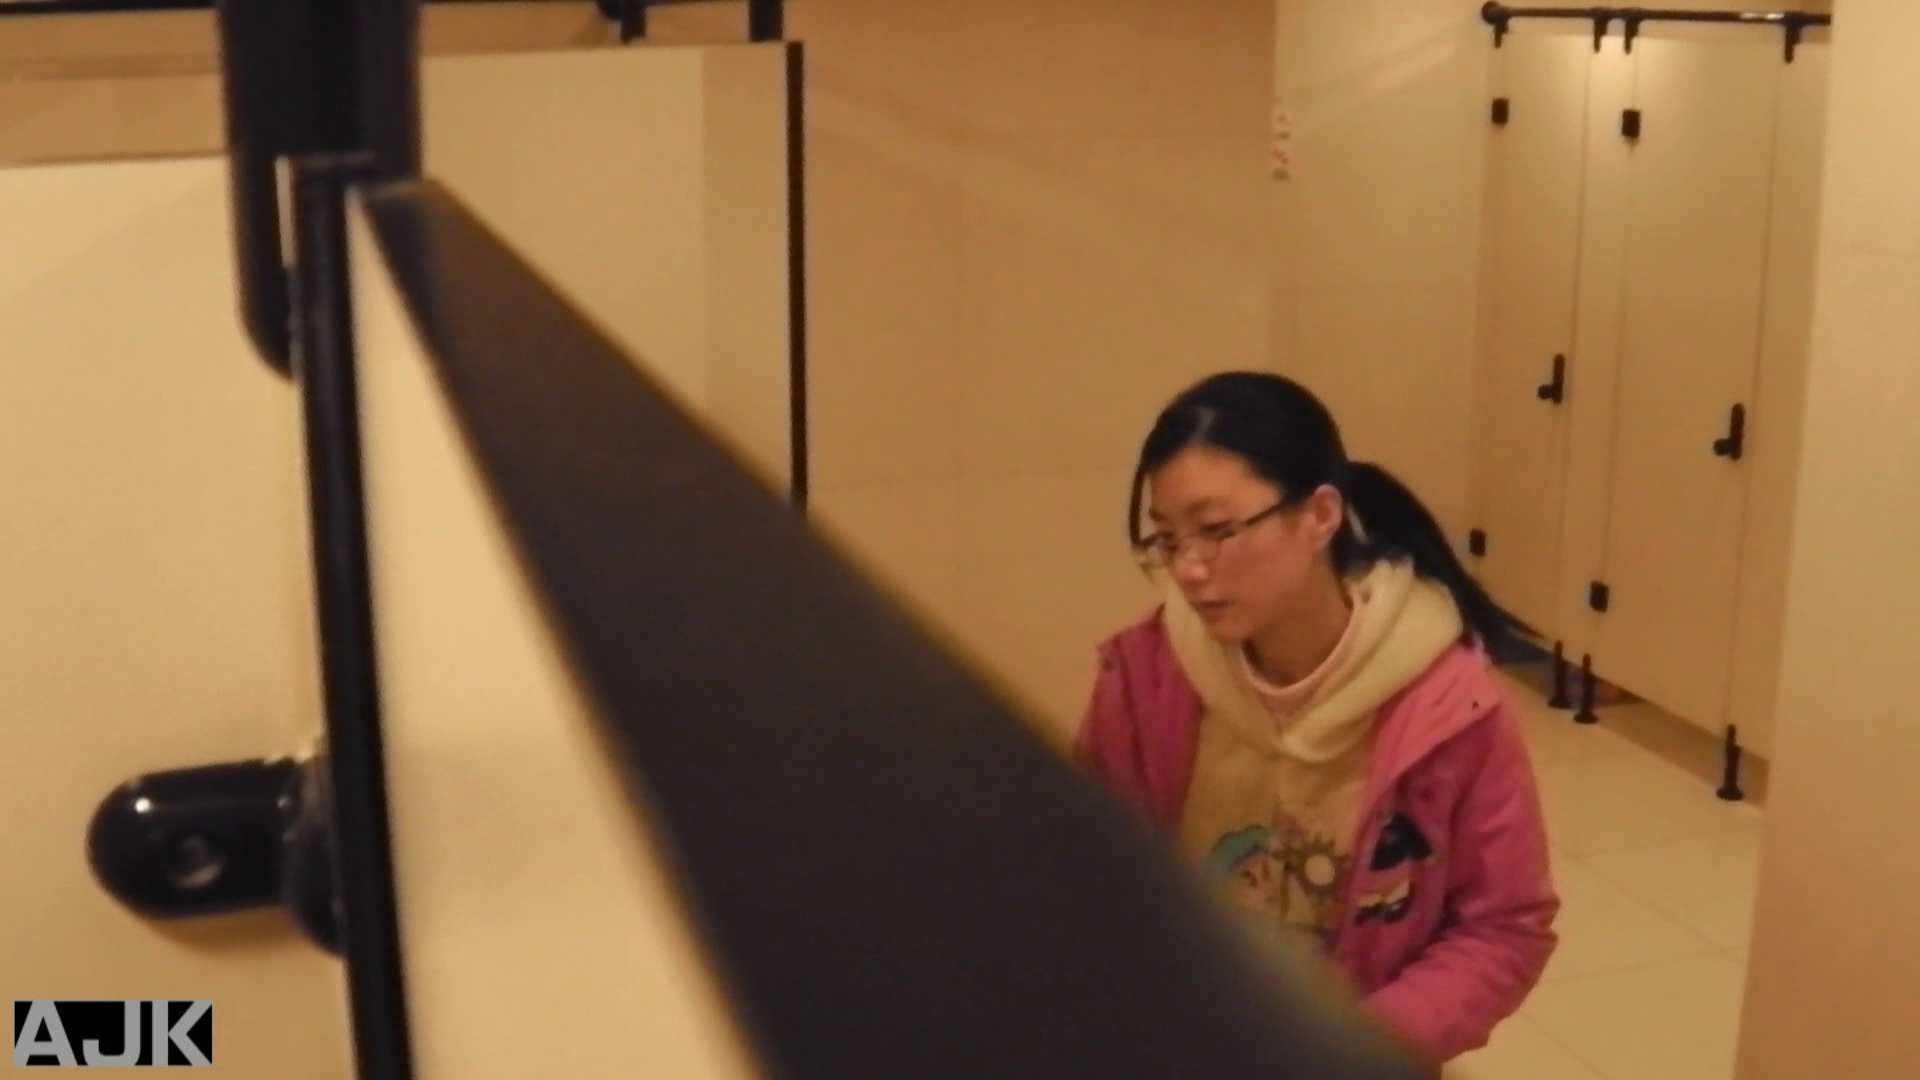 神降臨!史上最強の潜入かわや! vol.10 盗撮 性交動画流出 61連発 2